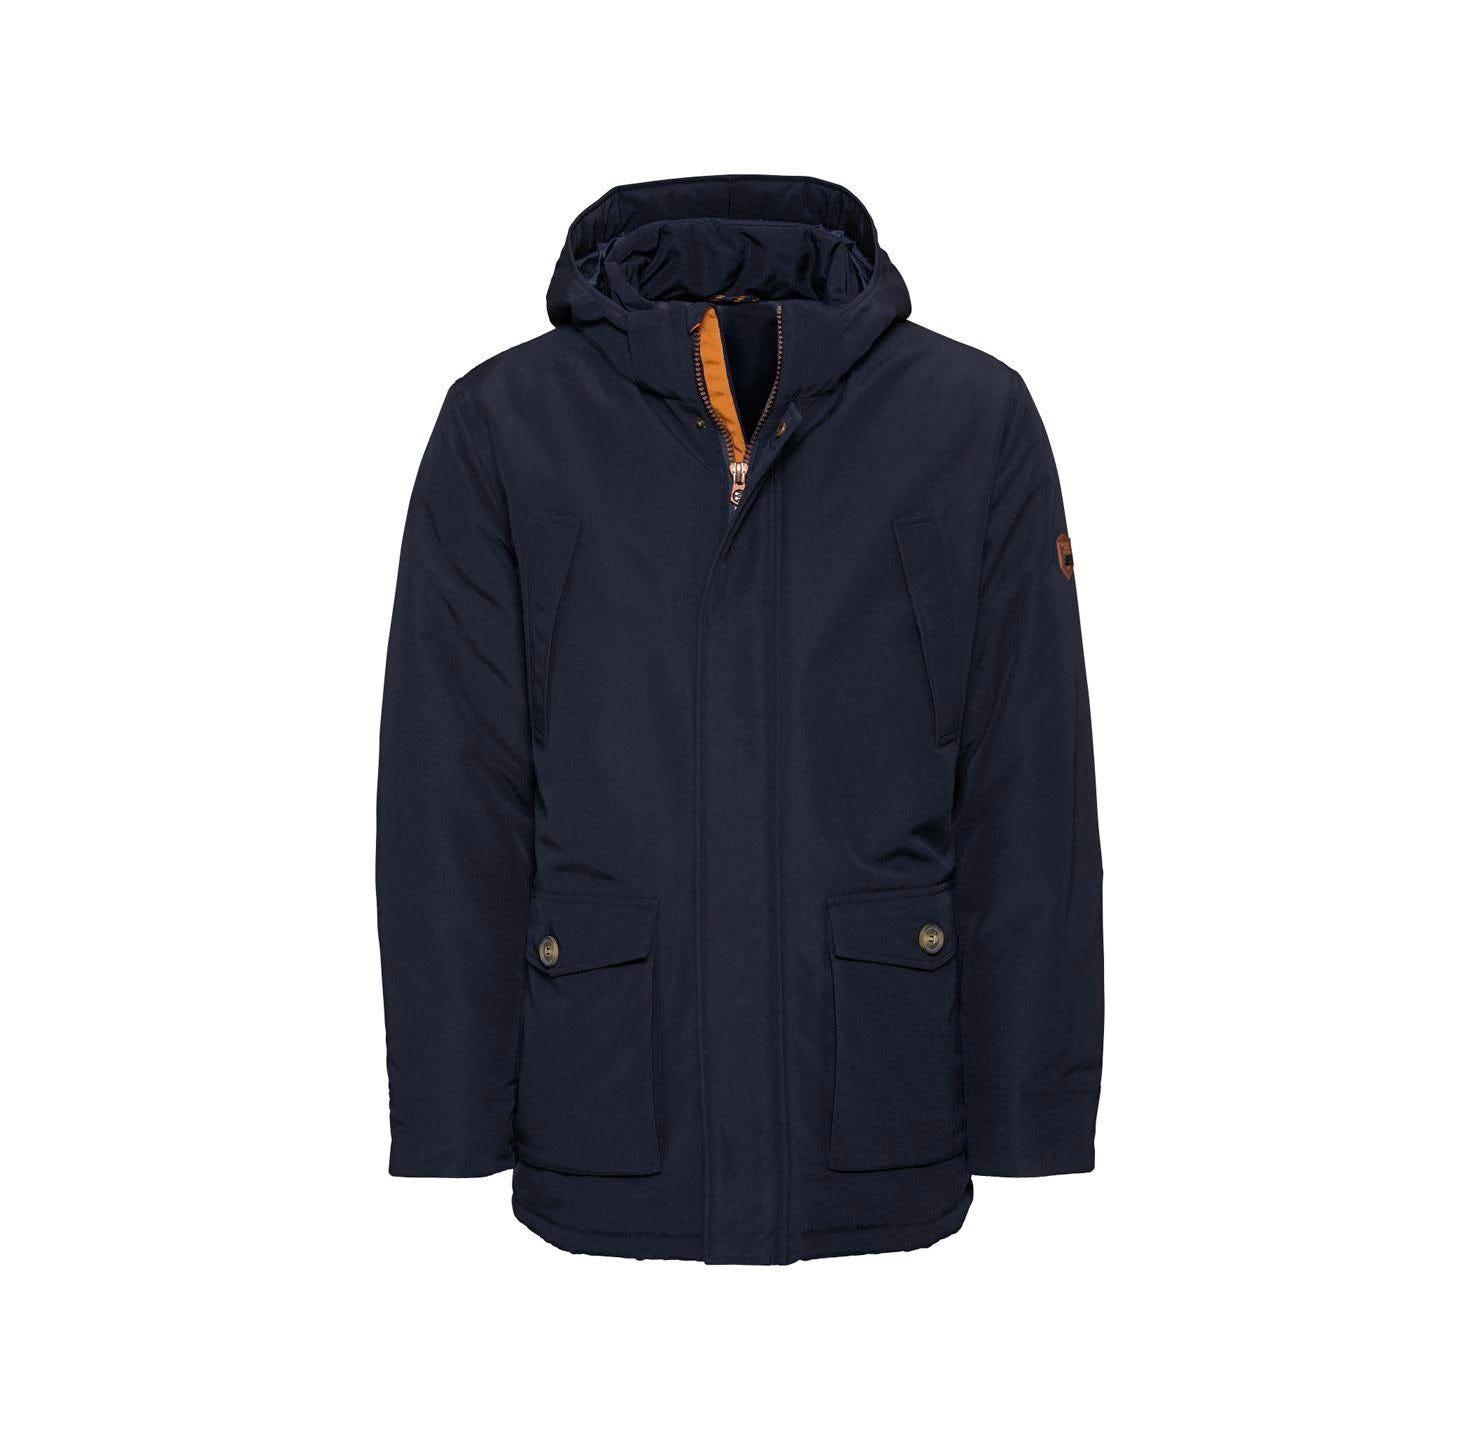 kaufenNKD online JackenWesten günstig online online günstig kaufenNKD günstig JackenWesten JackenWesten kaufenNKD 29YEDHWI